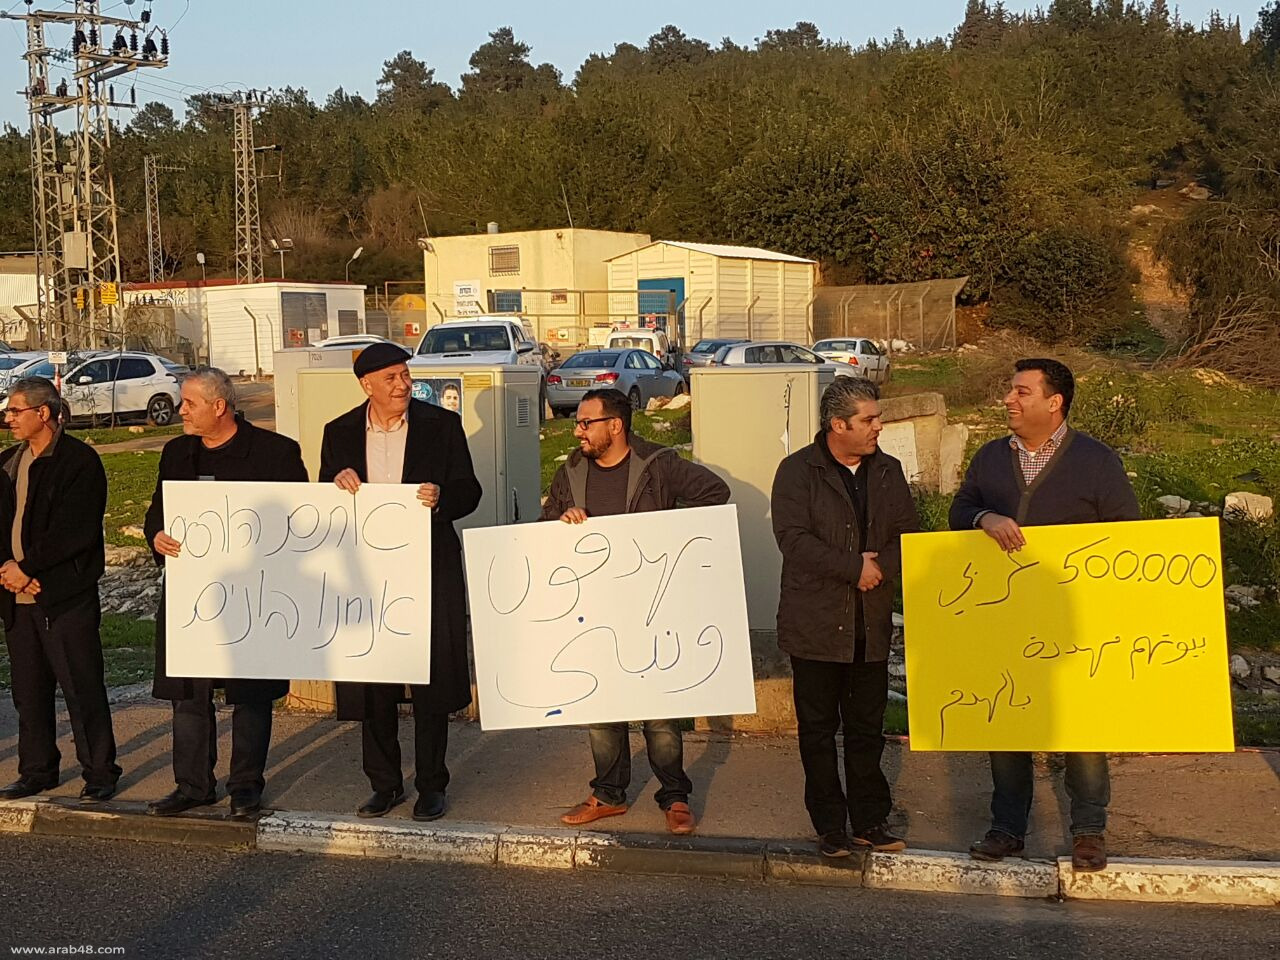 تظاهرتان ضد هدم المنازل في كفر ياسيف وباقة الغربية